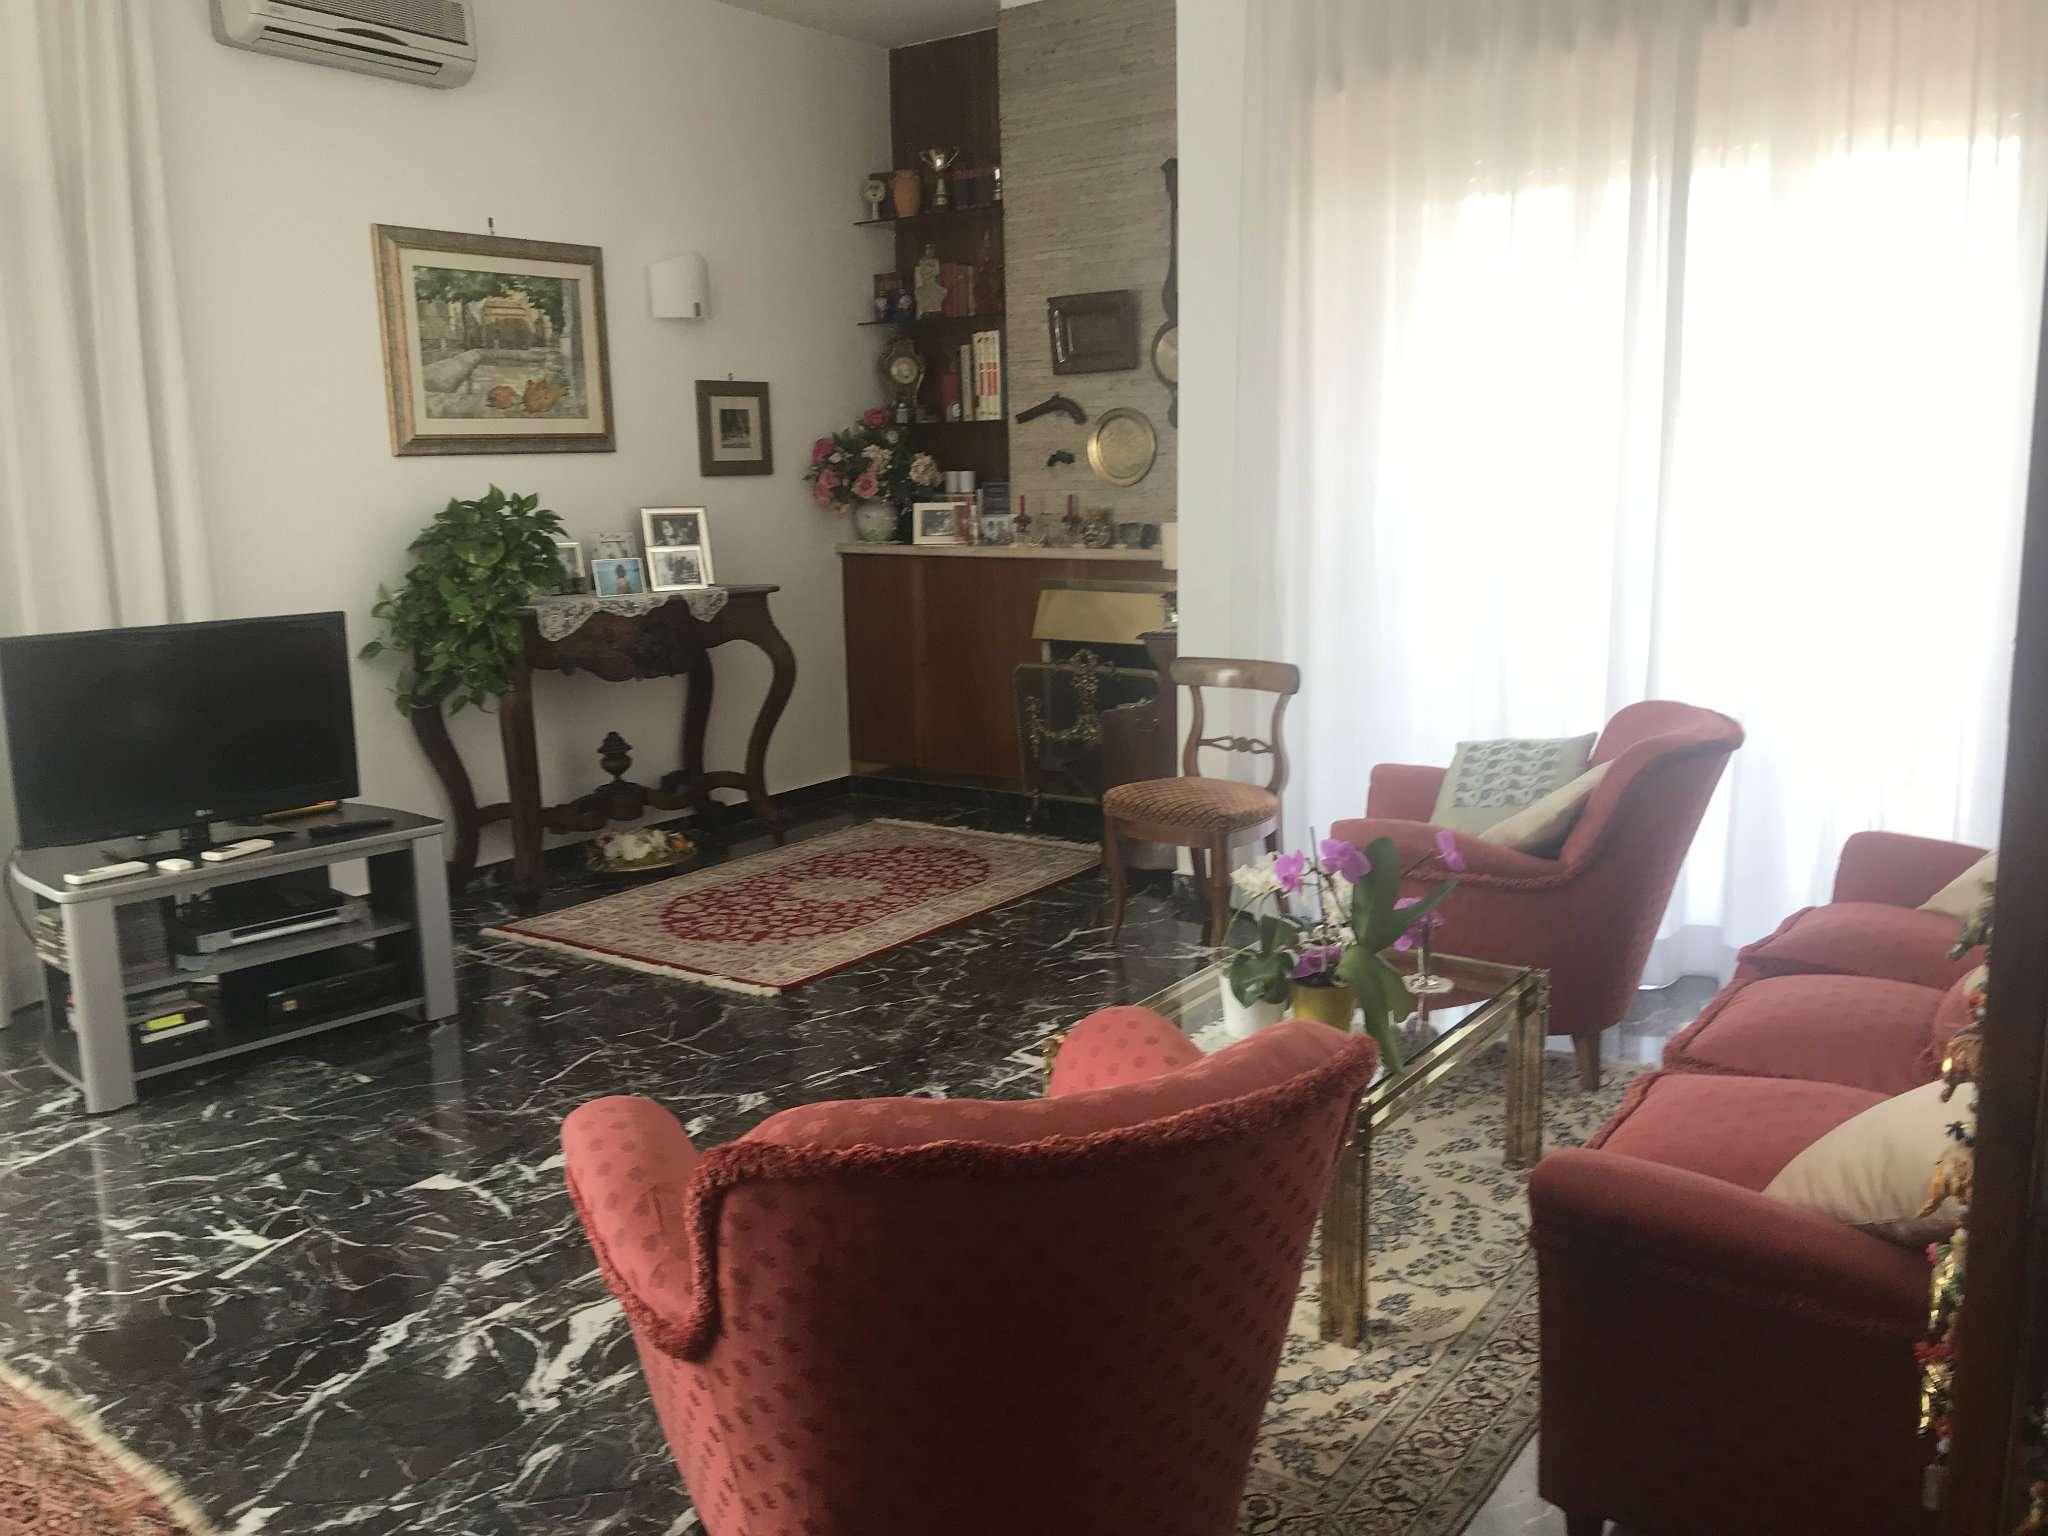 Appartamento in vendita a Roma, 4 locali, zona Zona: 29 . Balduina, Montemario, Sant'Onofrio, Trionfale, Camilluccia, Cortina d'Ampezzo, prezzo € 650.000 | CambioCasa.it